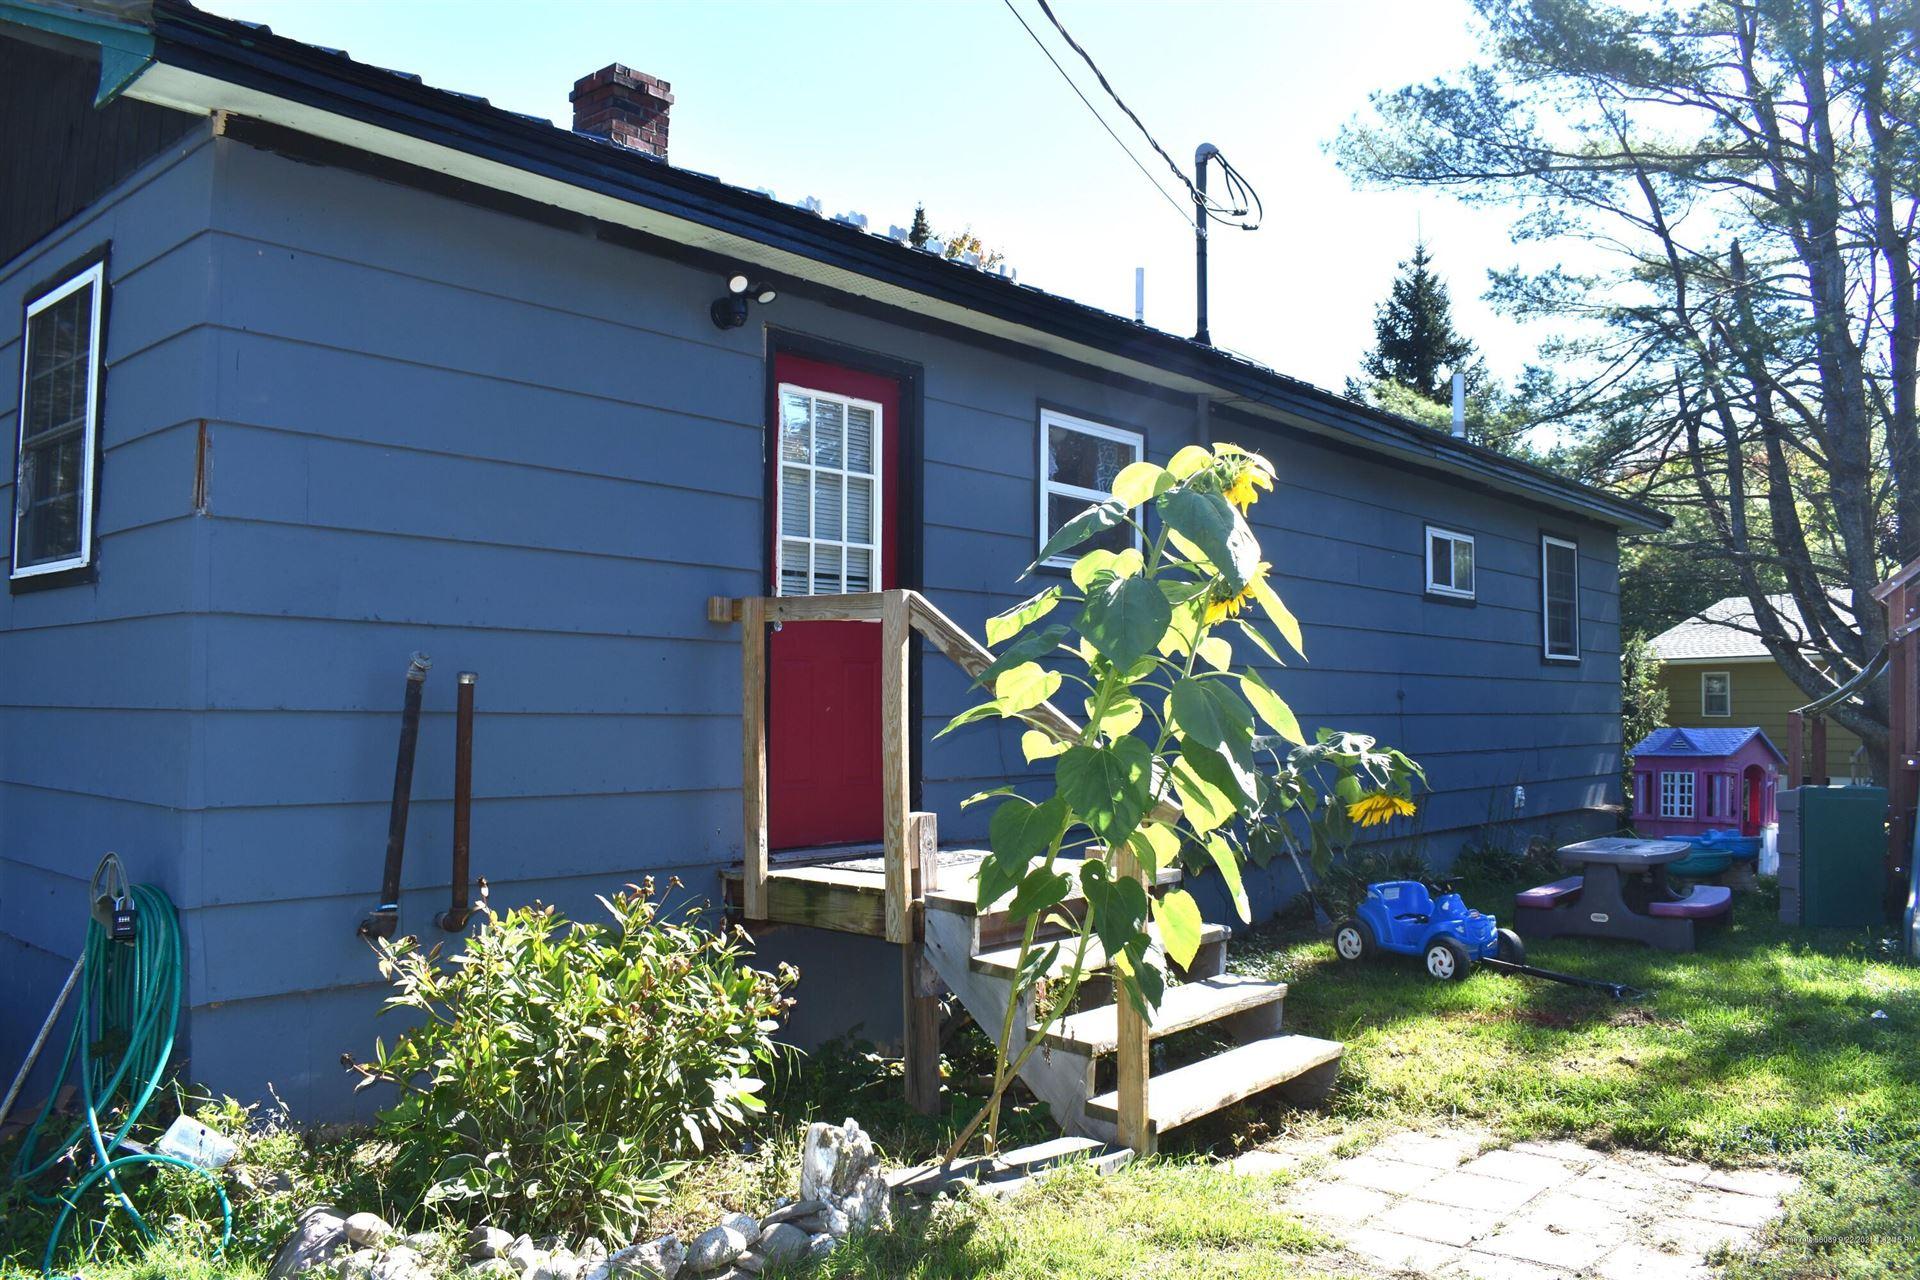 Photo of 13 Cyr Way, Hartland, ME 04943 (MLS # 1509672)